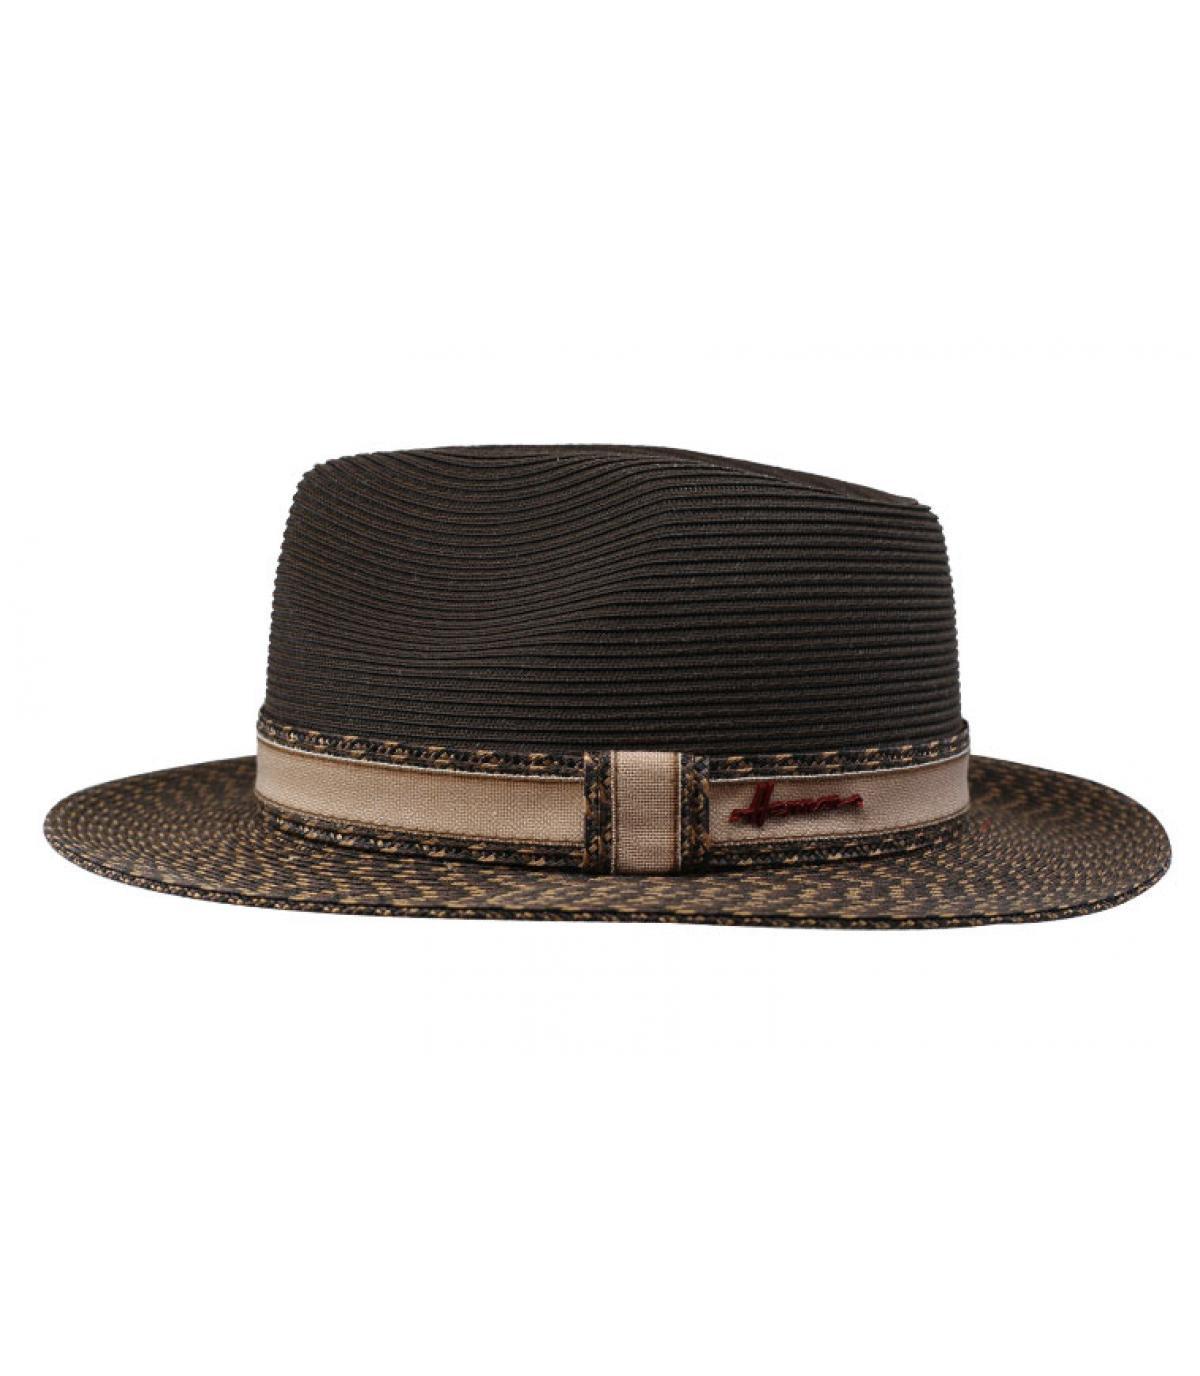 Details Mac Corleone brown - afbeeling 2